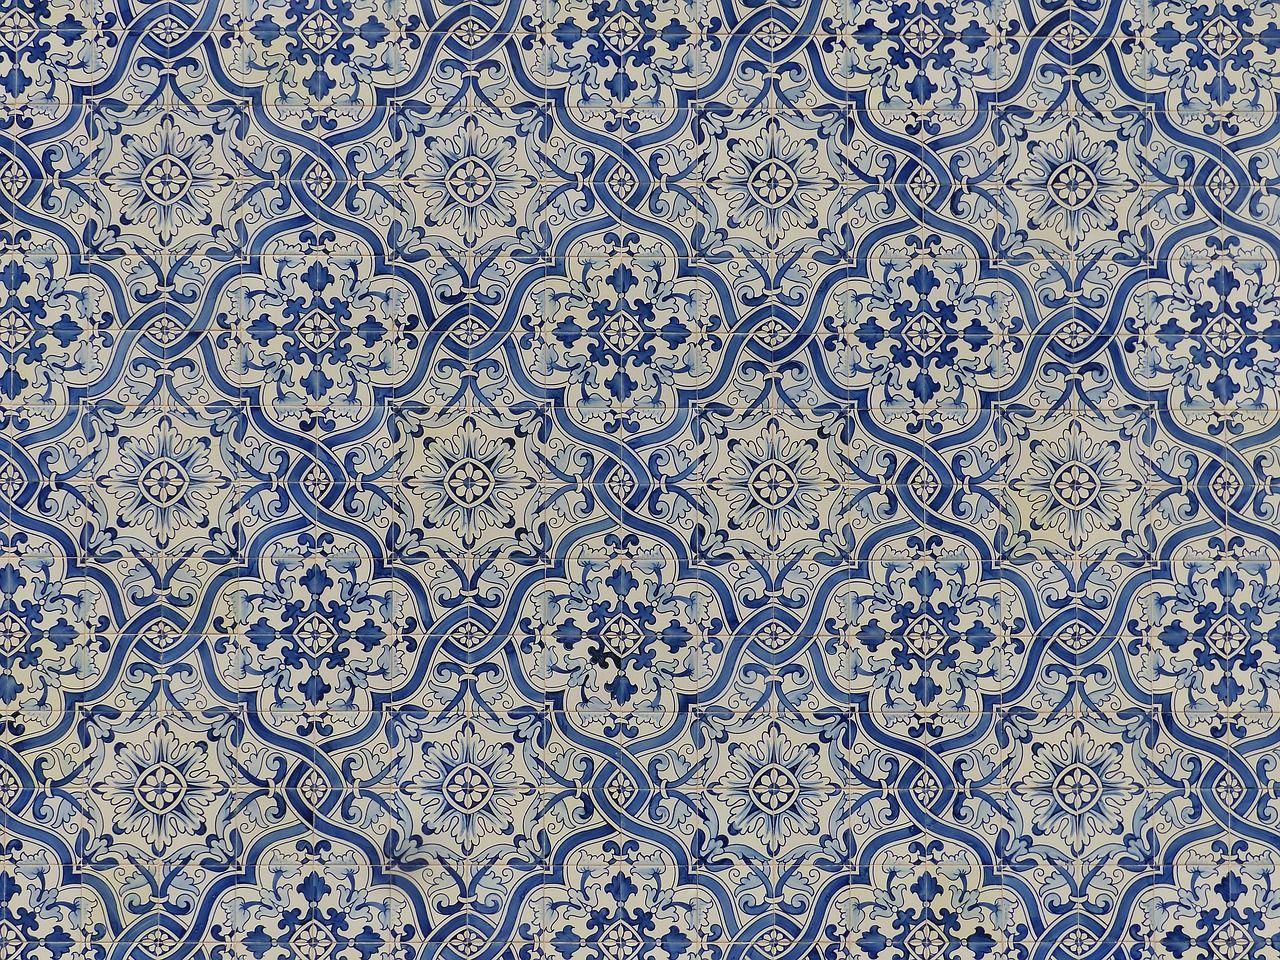 azulejos-lisboa